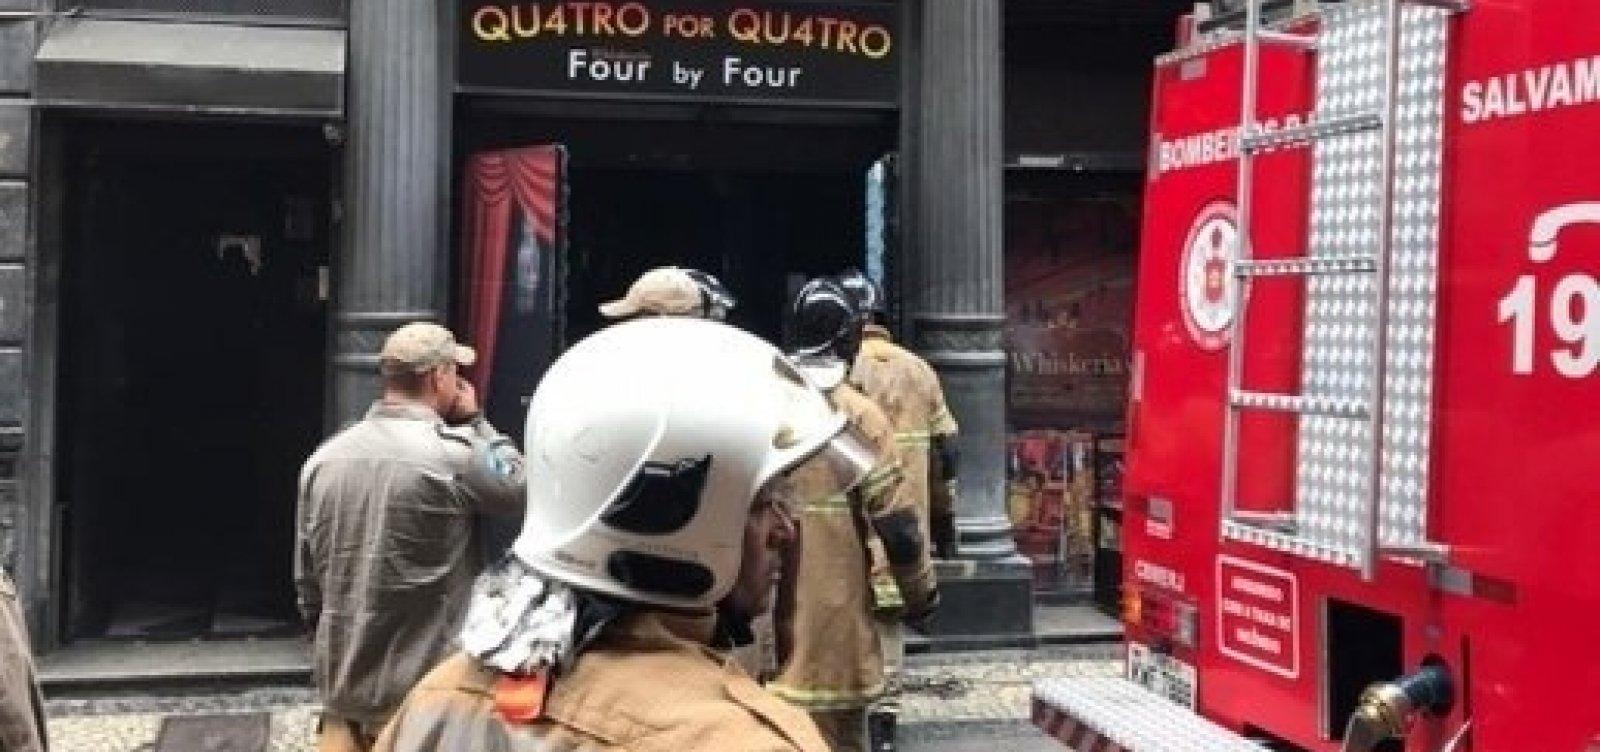 Bombeiros morrem em incêndio na Whiskeria Quatro por Quatro no Rio